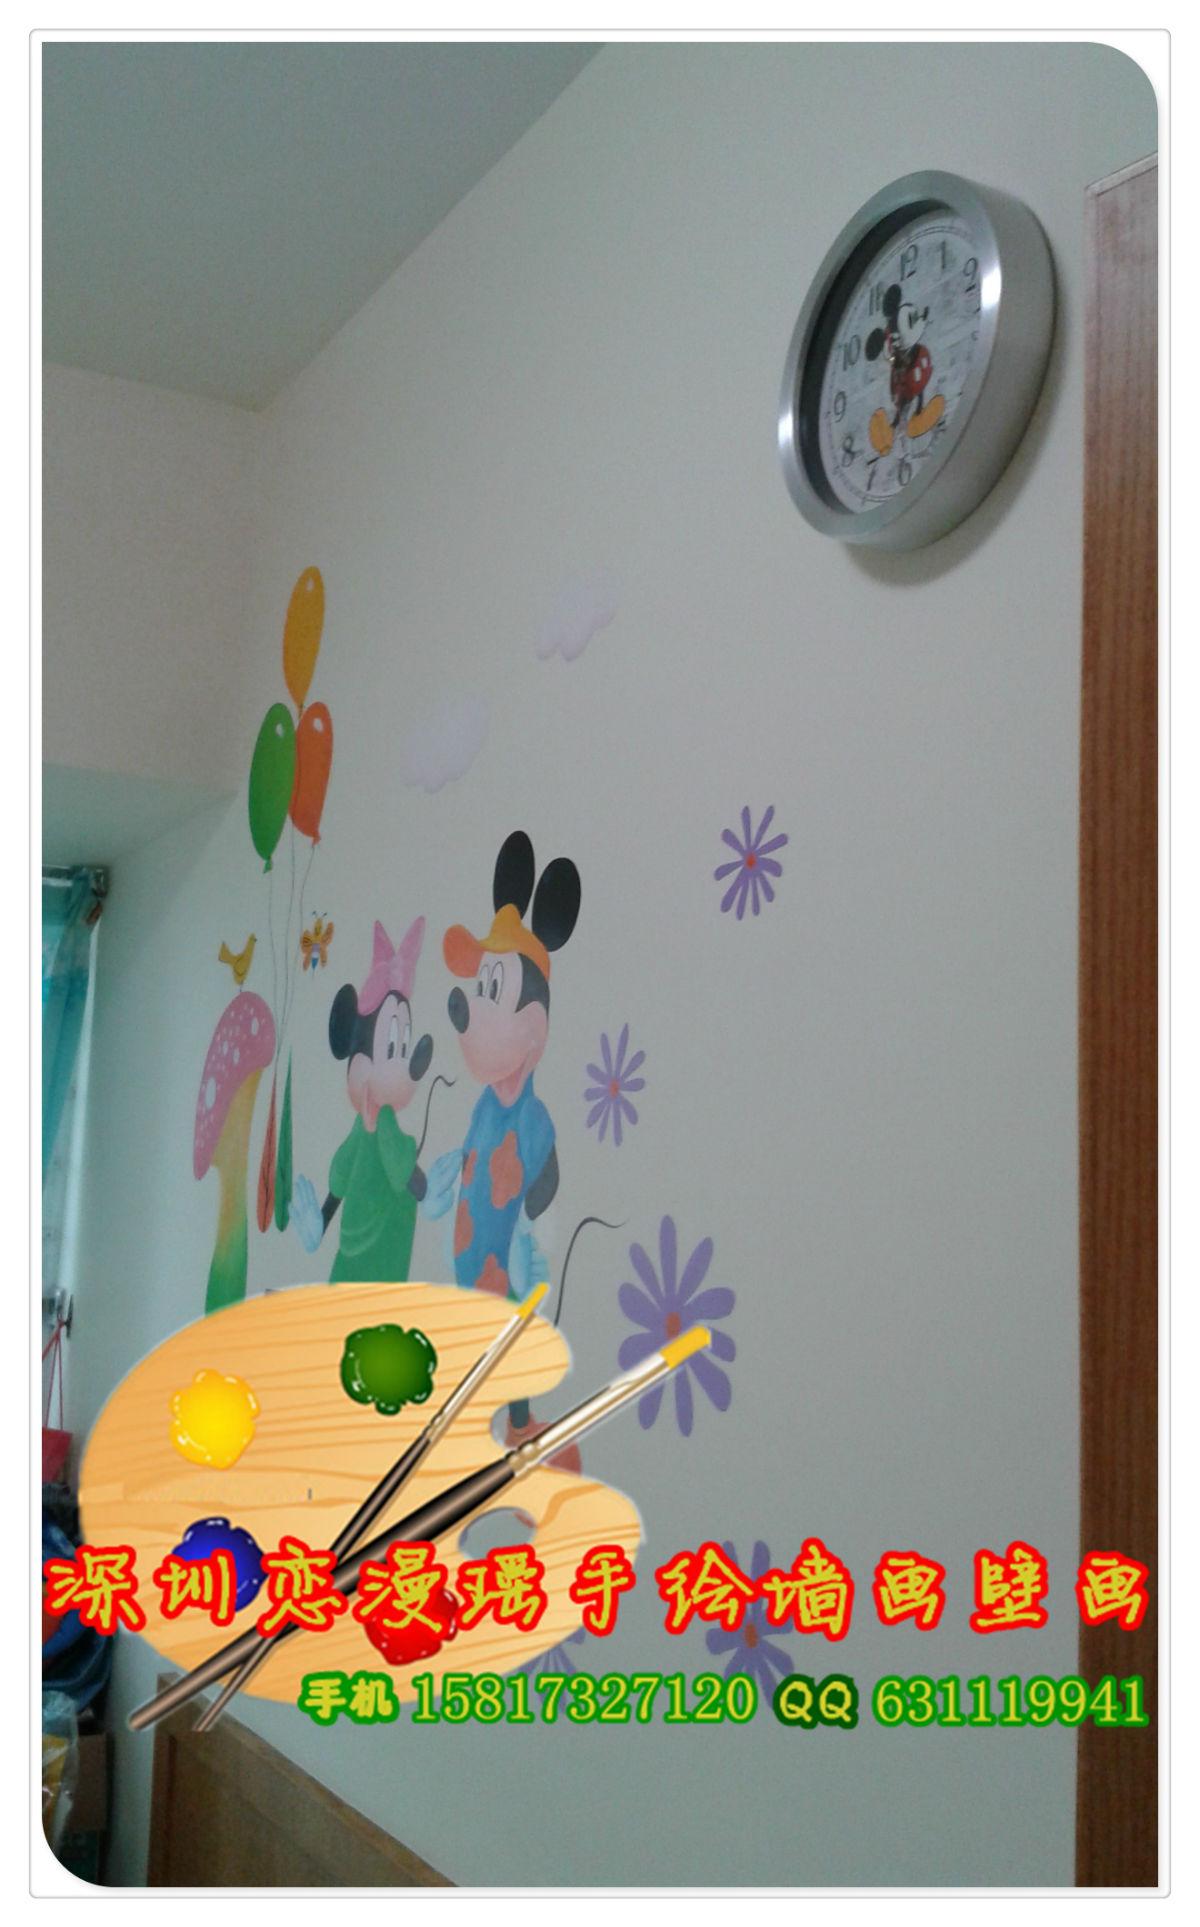 手绘墙绘墙画 大家来瞧瞧